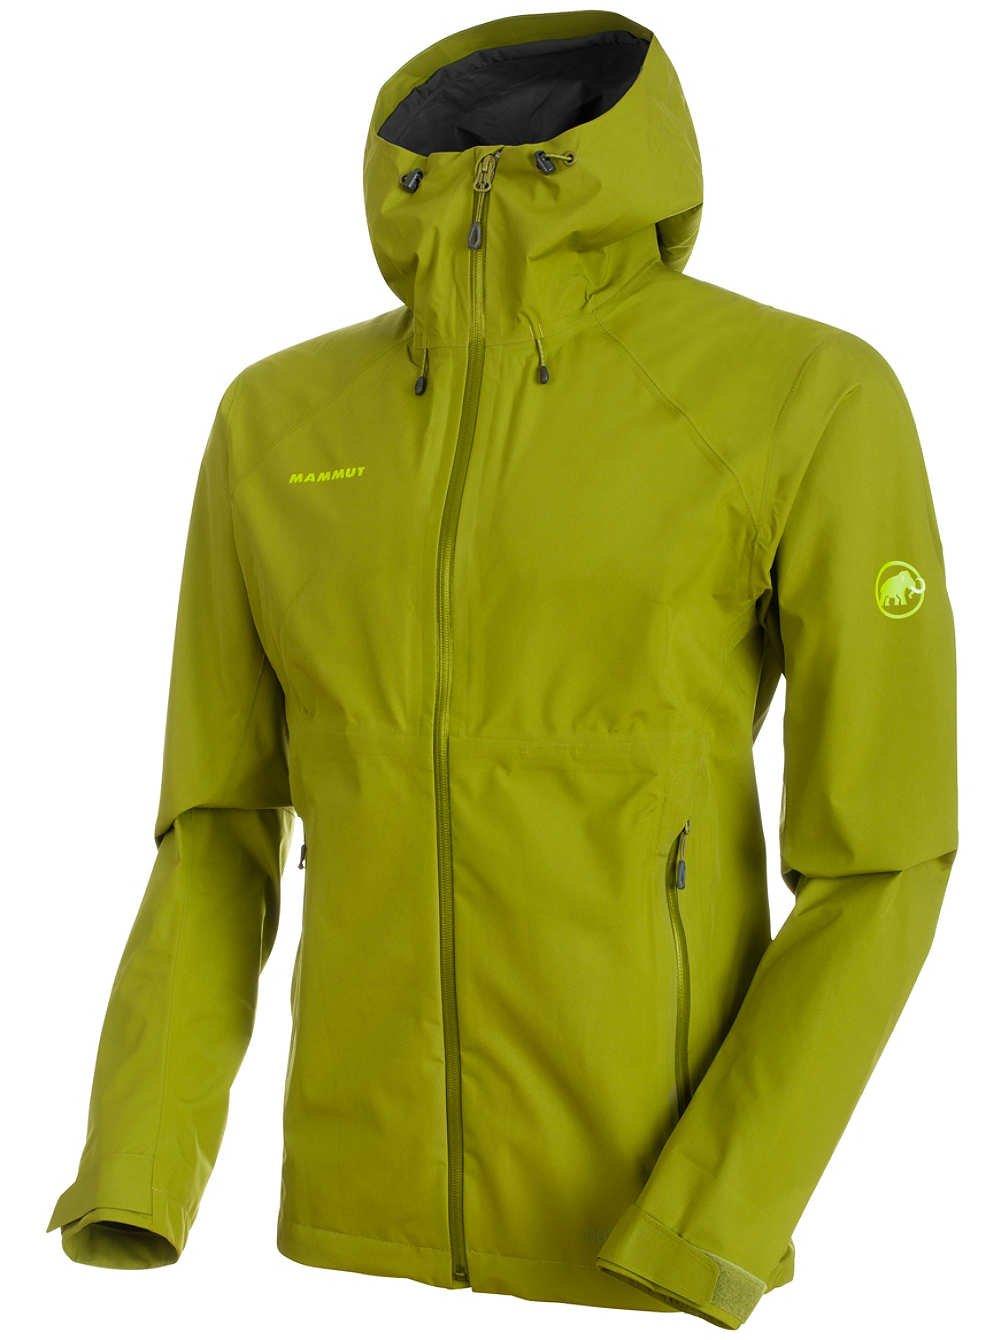 ◎マムート(MAMMUT) Convey Tour HS Hooded Jacket メンズ 1010-26030-0001 ジャケット B078JX8M36 XXL|aloe aloe XXL